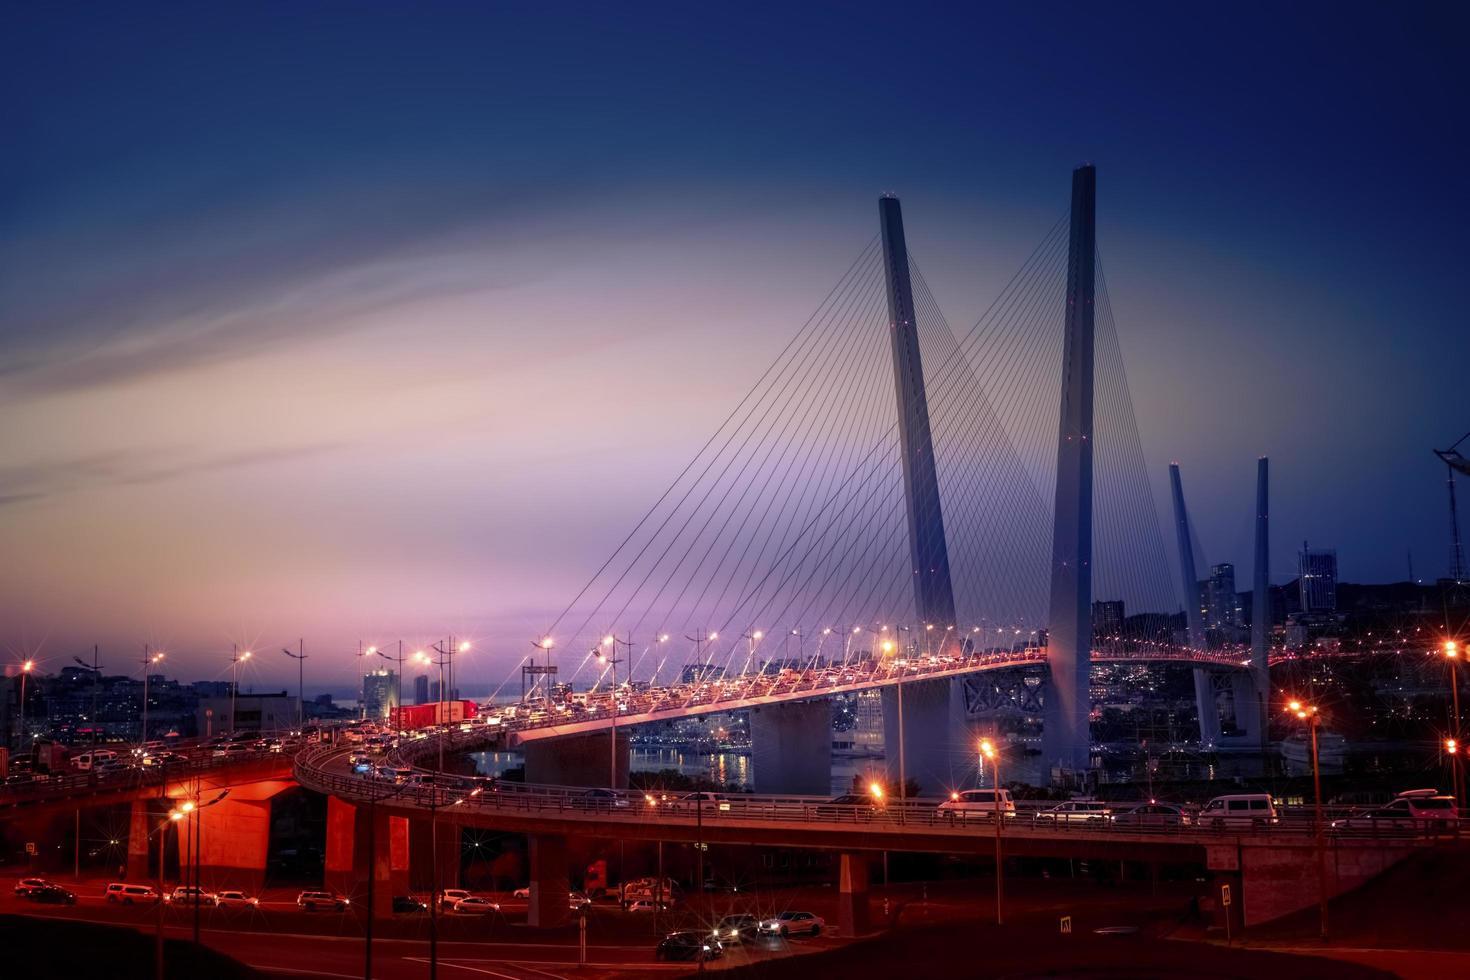 Paysage urbain de nuit avec pont zolotoy à Vladivostok, Russie photo